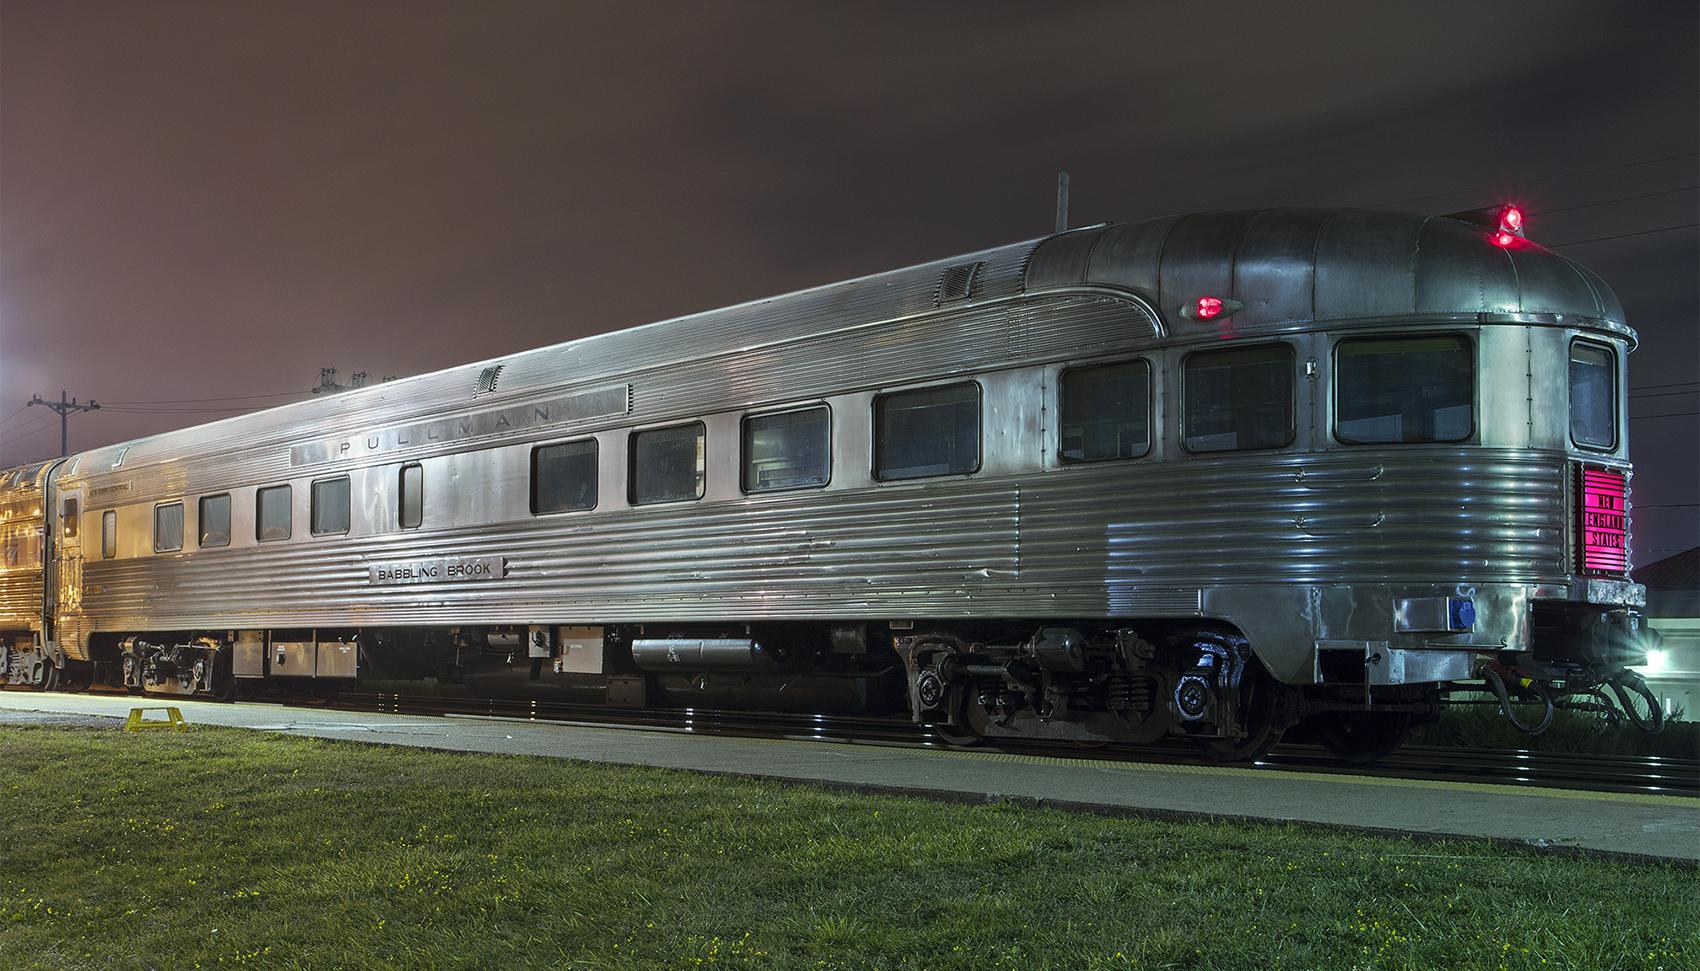 hekte på Amtrak skole kroken opp Utility Room